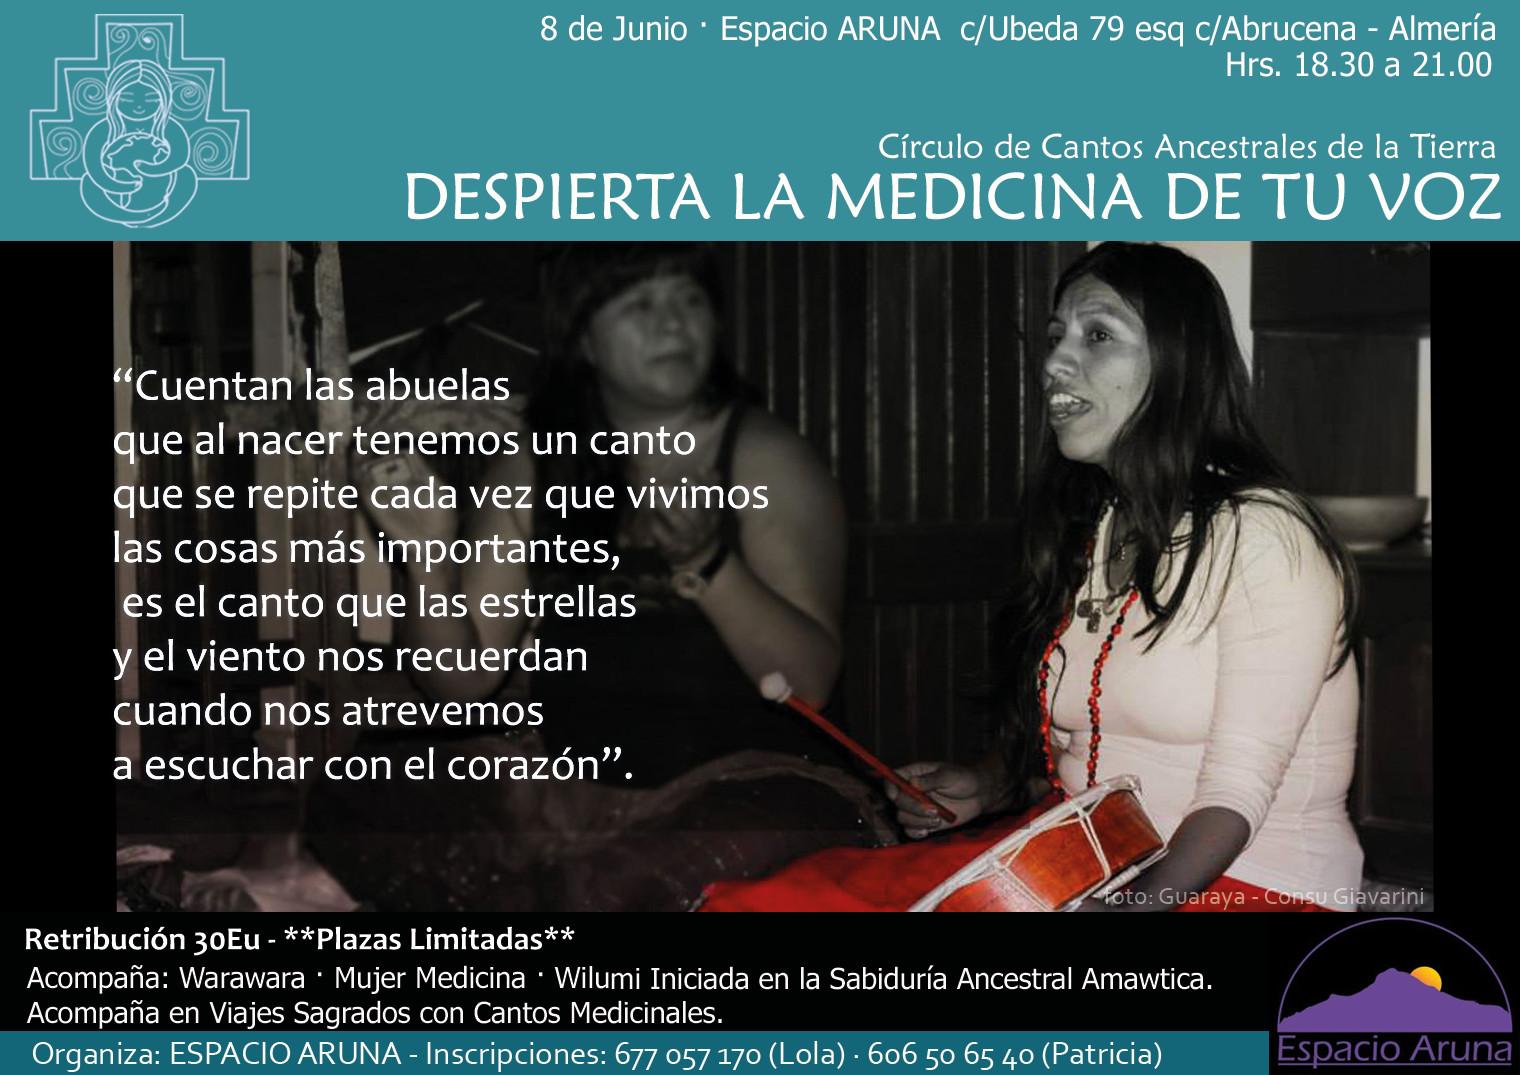 canto_ancestral_almeria 2018